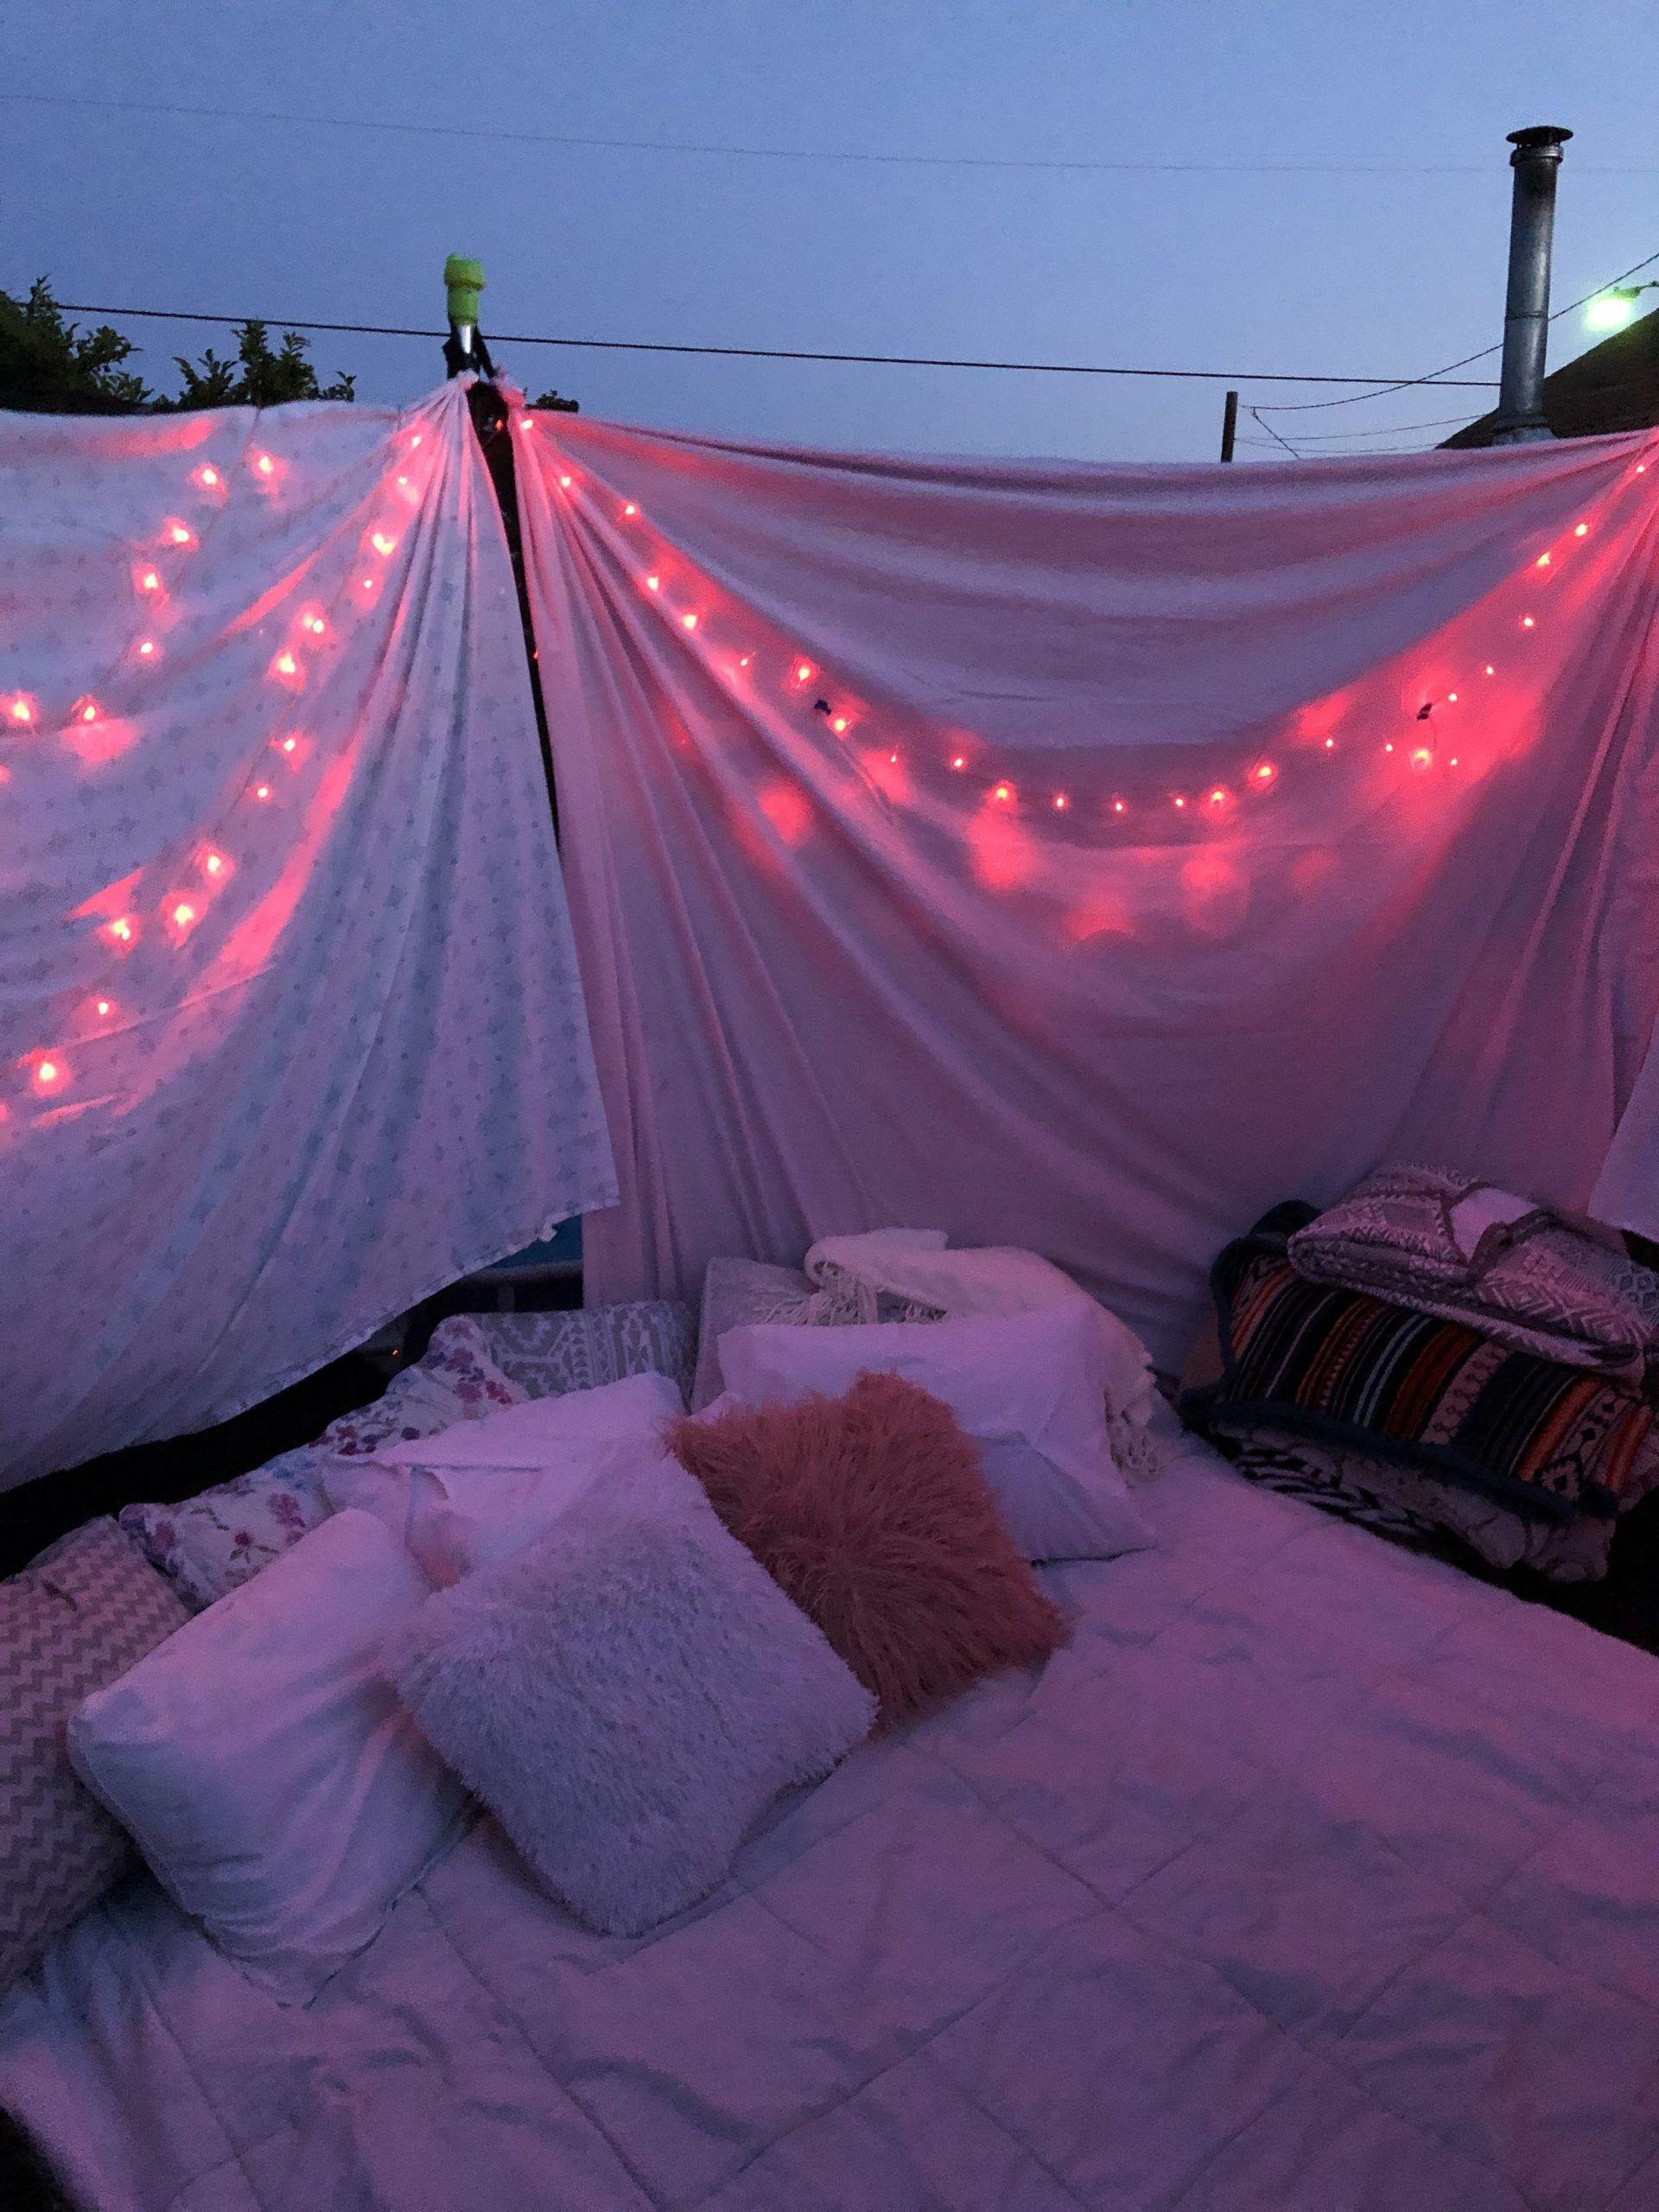 Summernights Sleepoverpartyideas Trampoline In 2020 Sleepover Zimmer Sommerideen Instagram Ideen